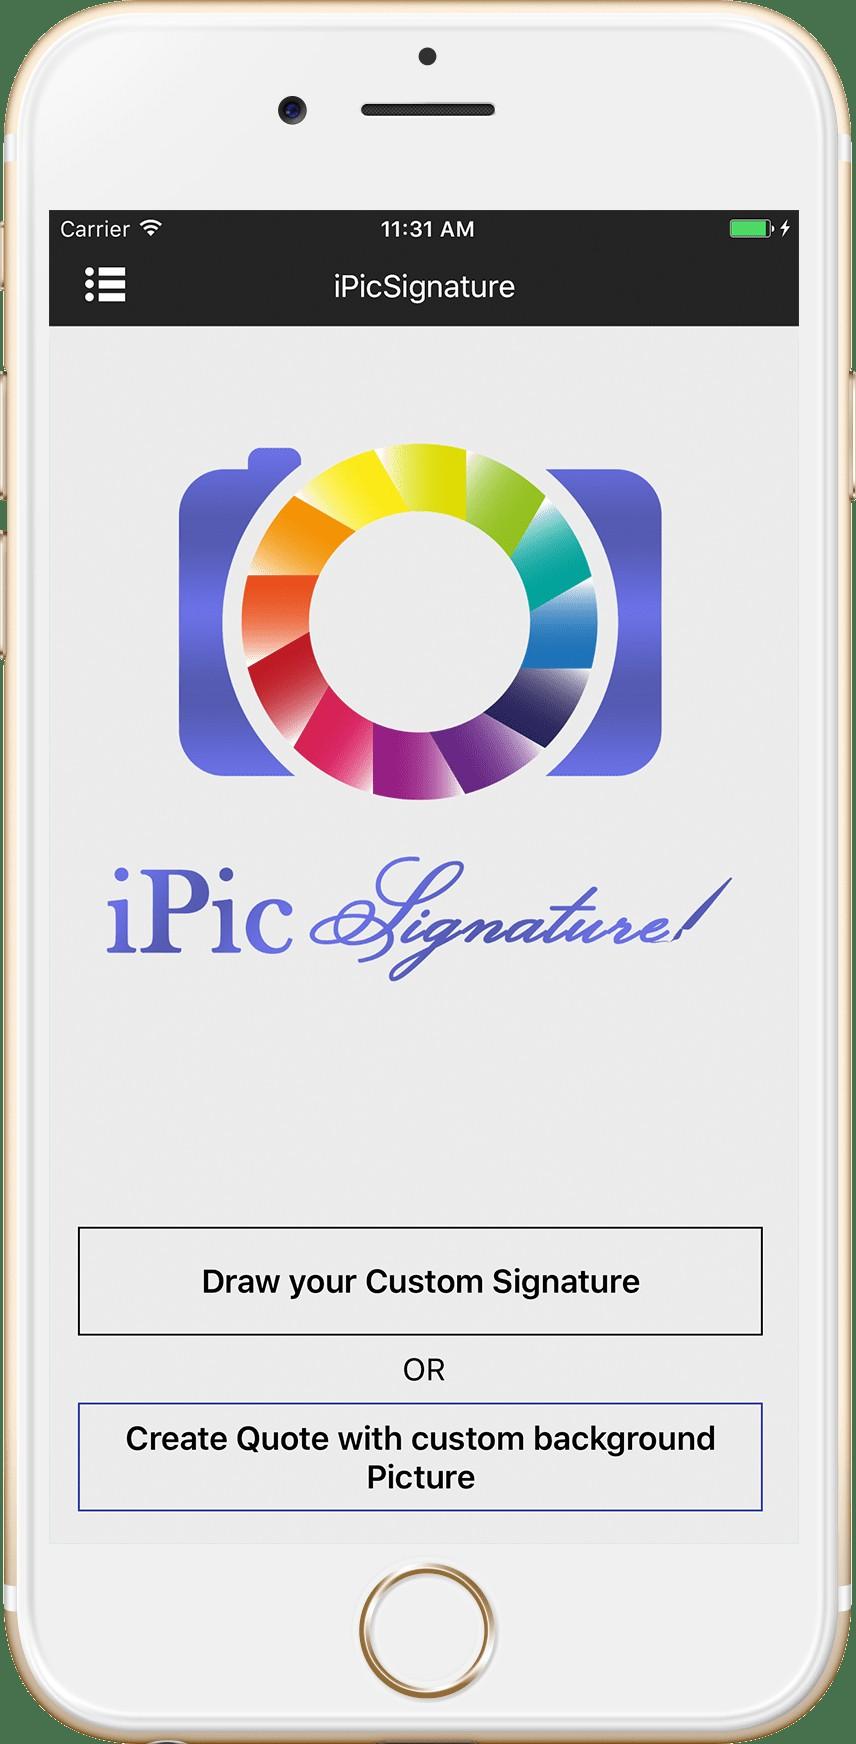 iPicSignature